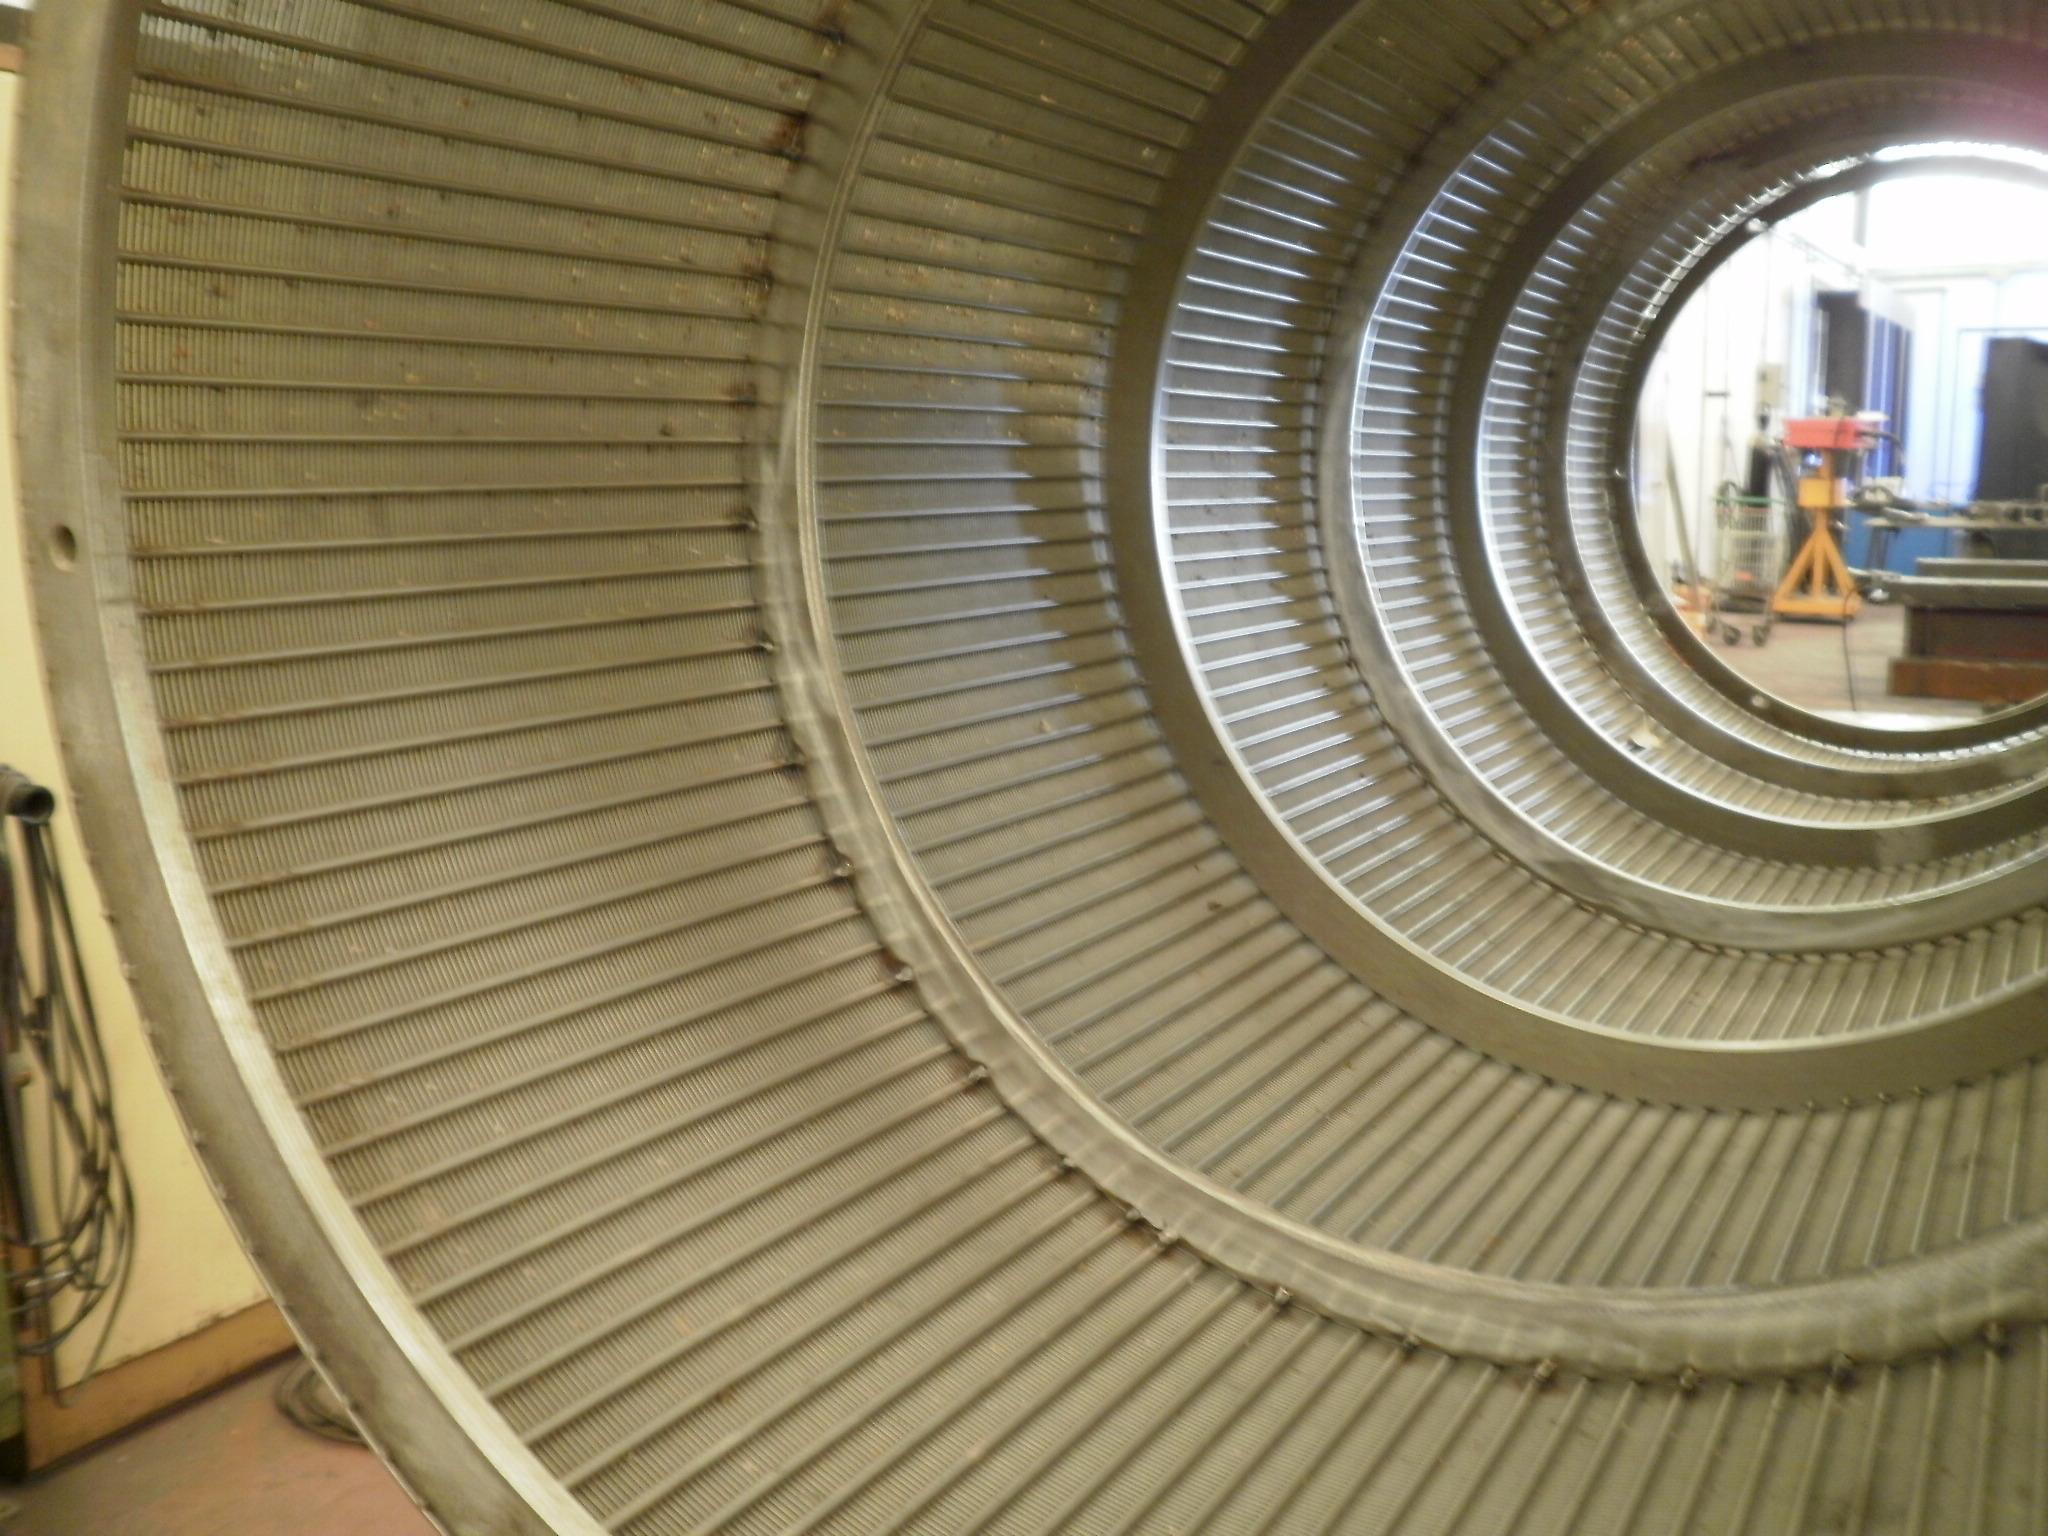 silos depósitos serpentines filtros en T ciclones tamices 39 - Trabajos realizados